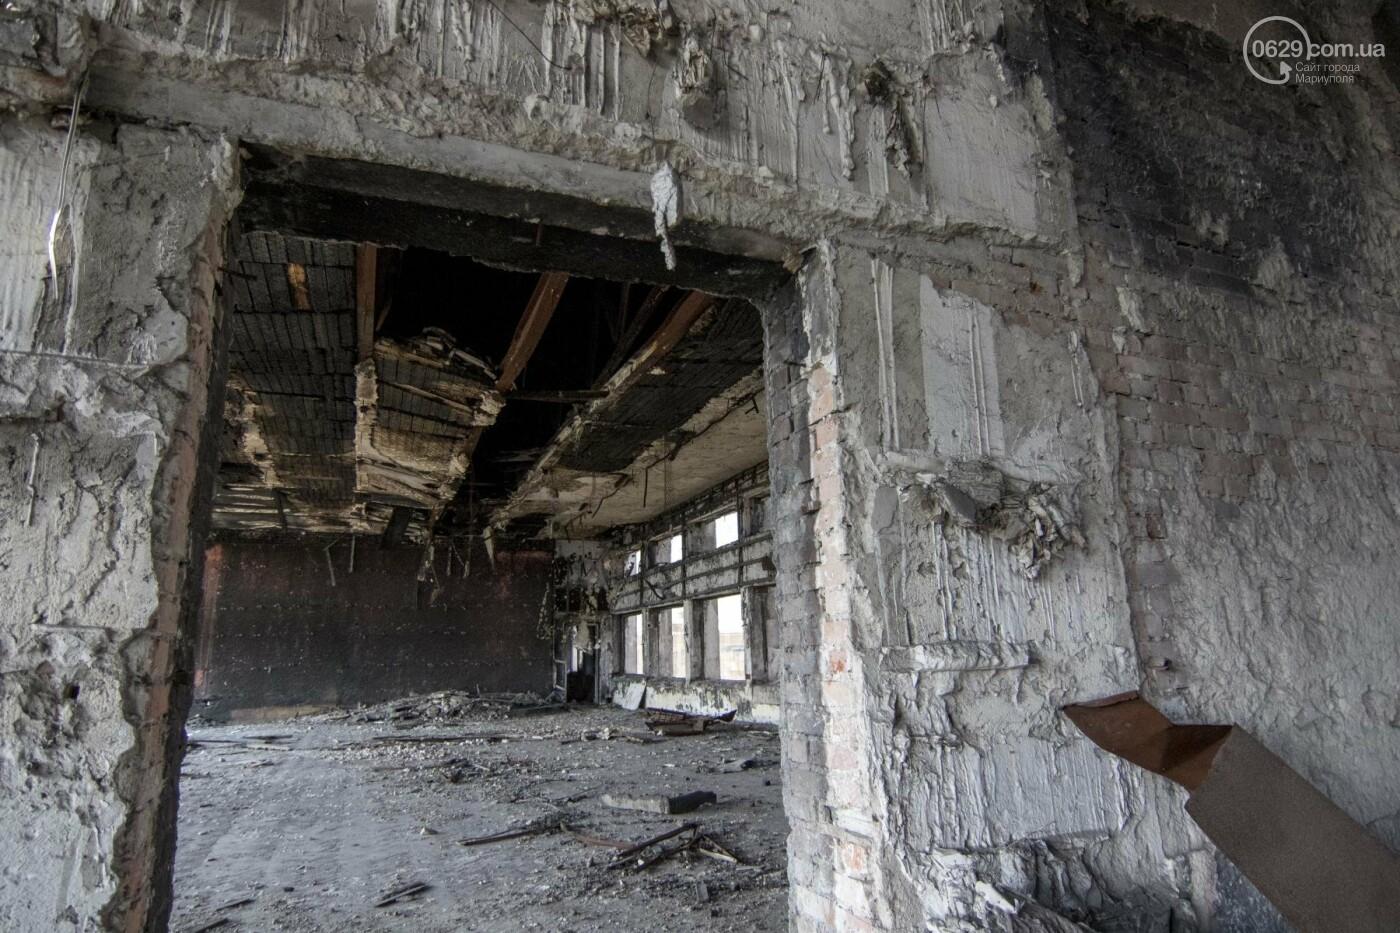 Что осталось от здания мариупольской мэрии, и когда его восстановят (ФОТОРЕПОРТАЖ с руин +ВИДЕО), фото-5